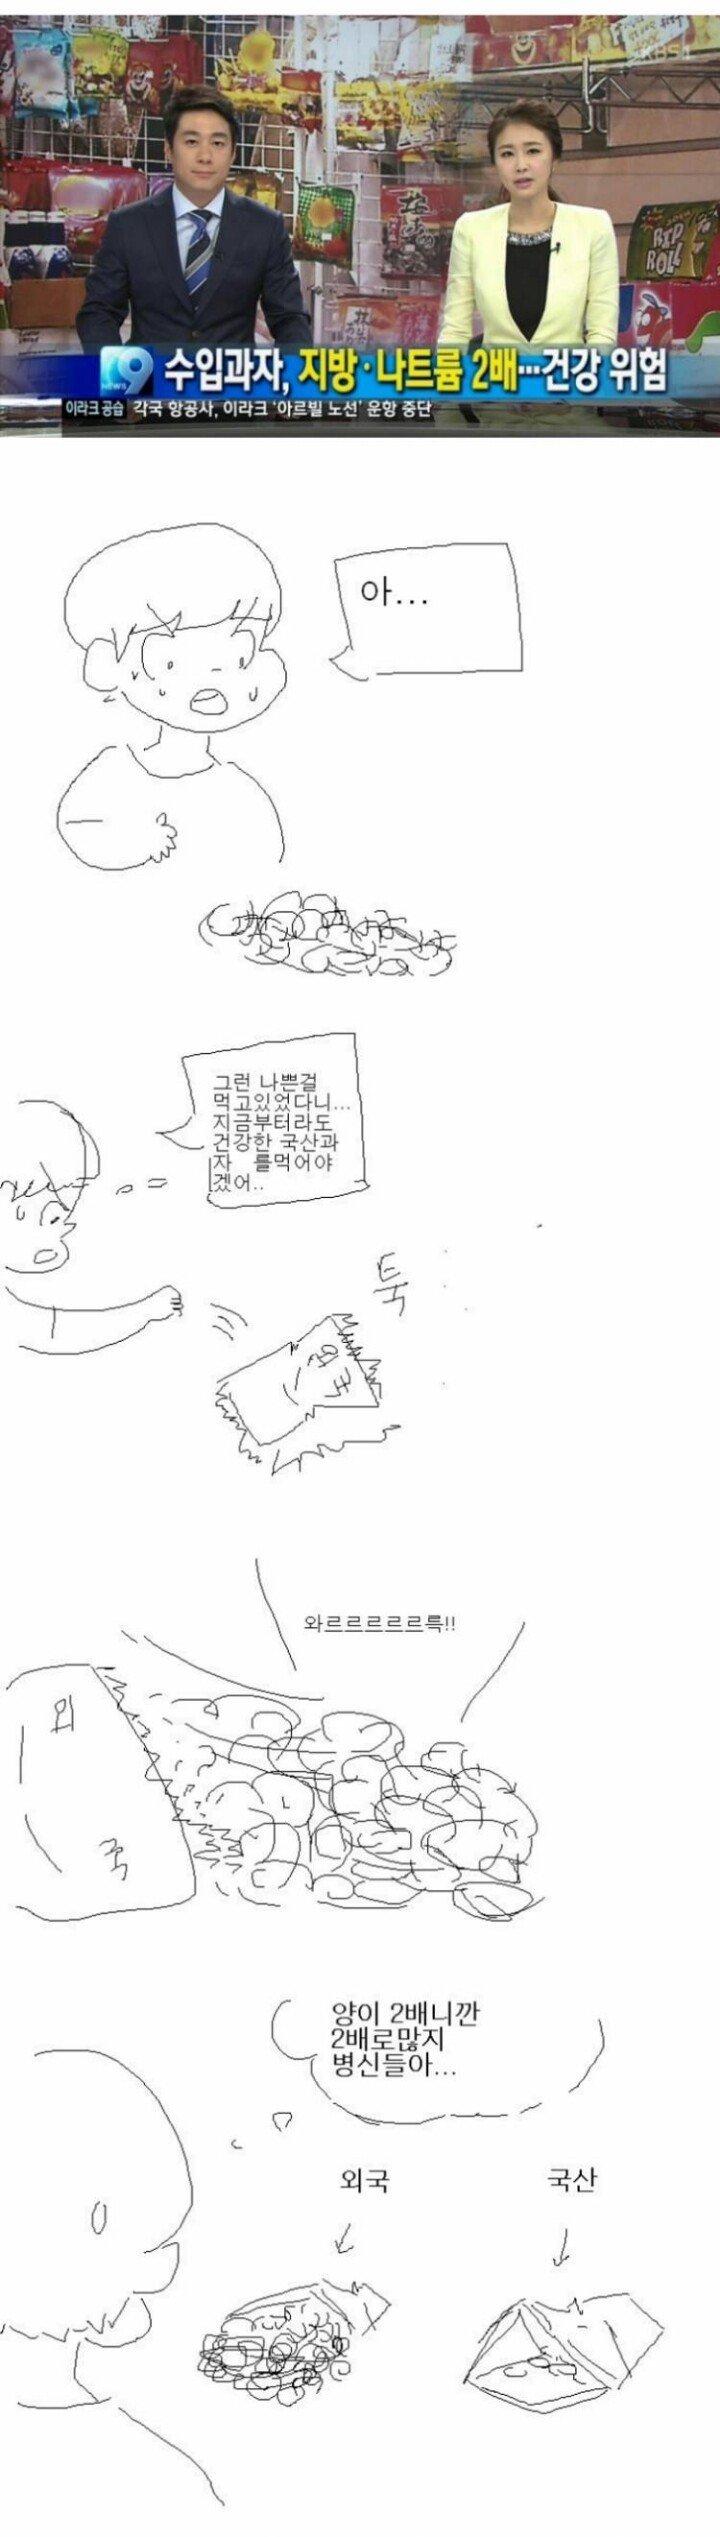 [유머] 한국과자보다 수입과자가 몸에 더 안좋았던 이유 -  와이드섬